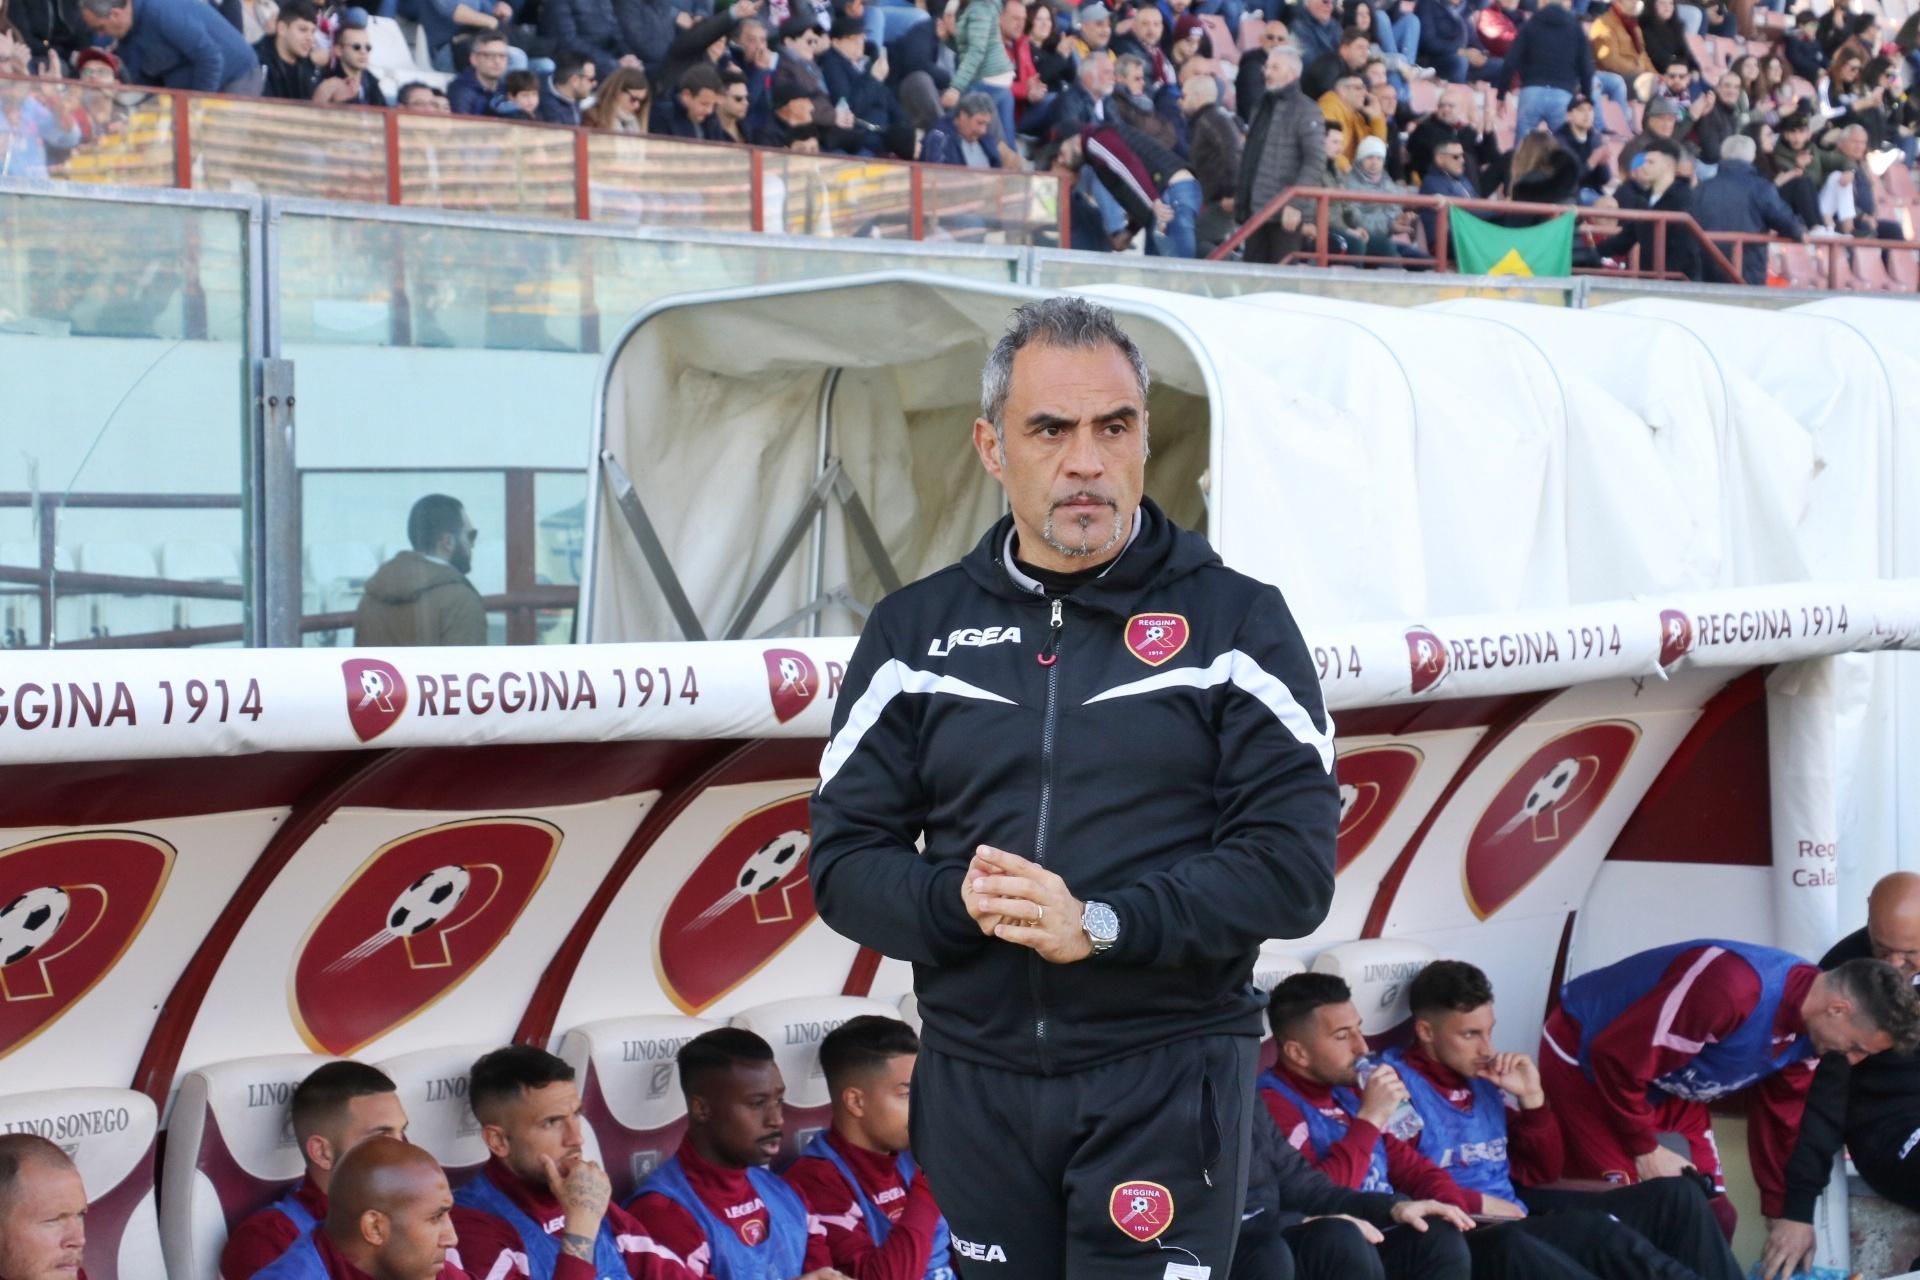 L'IFAB ufficializza: sì alle 5 sostituzioni anche nella prossima stagione. Per la Reggina sarebbe una grande notizia...